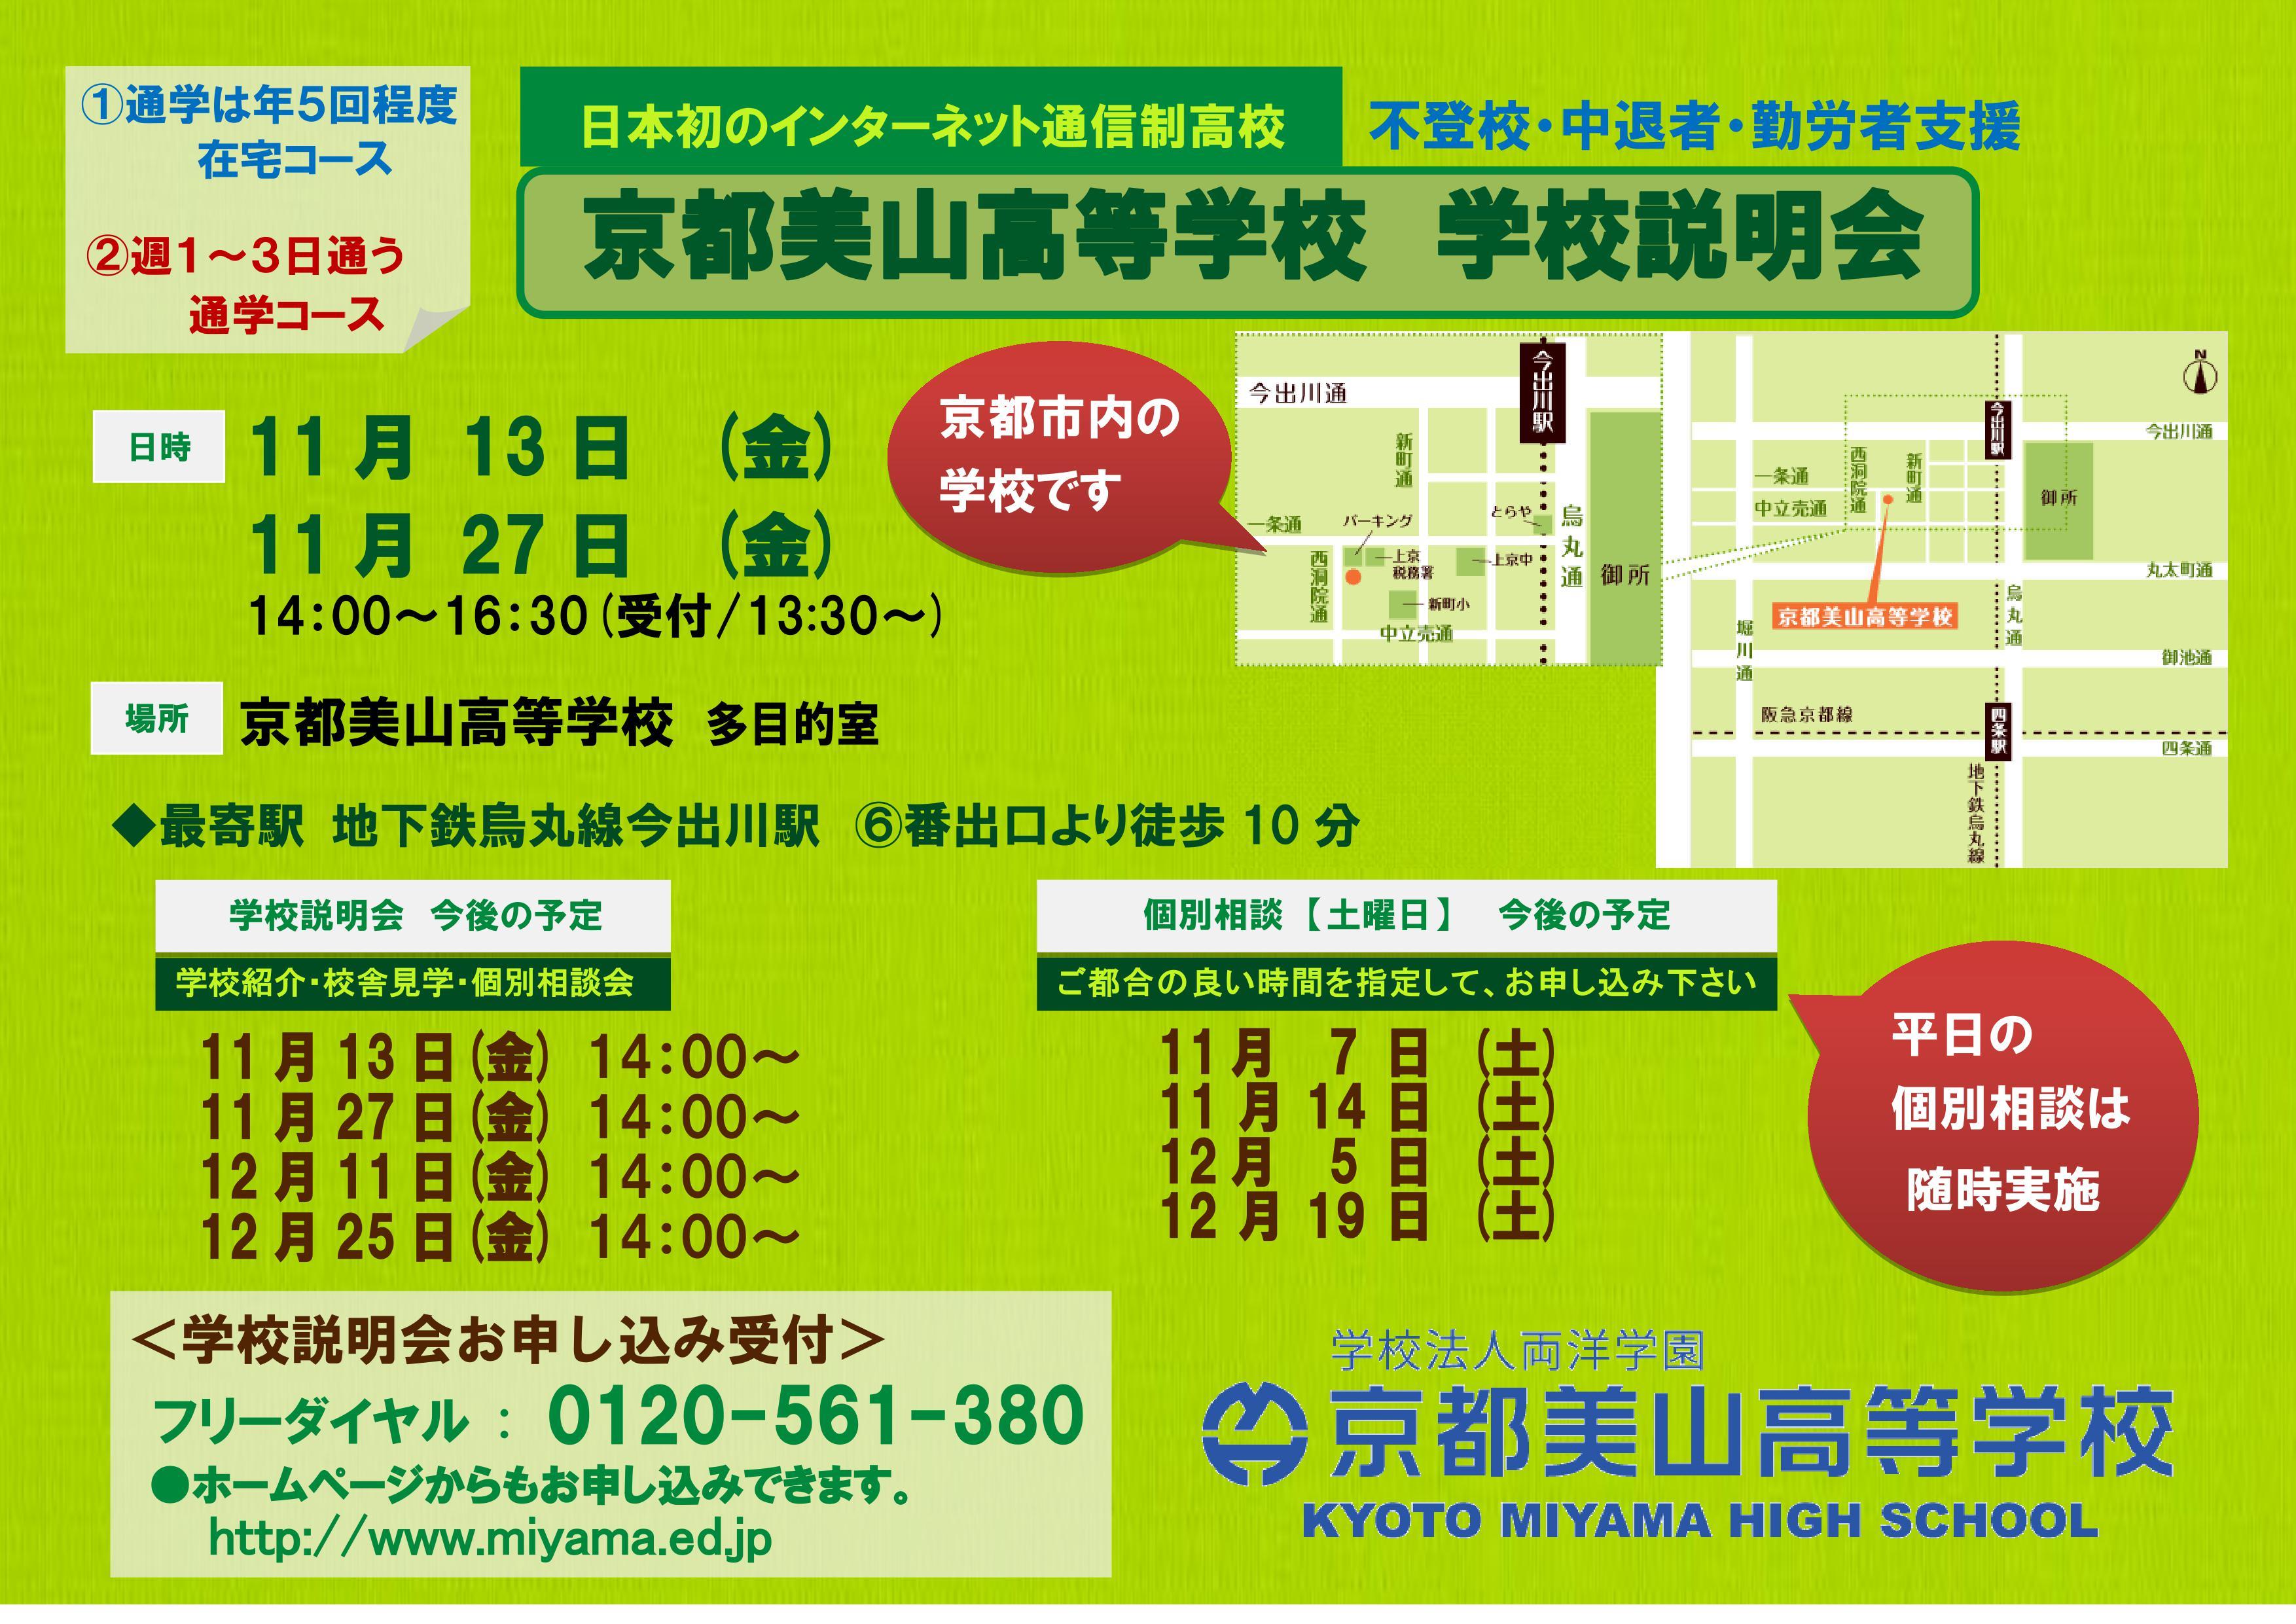 大阪の通信制高校 不登校支援 転入・編入相談受付中